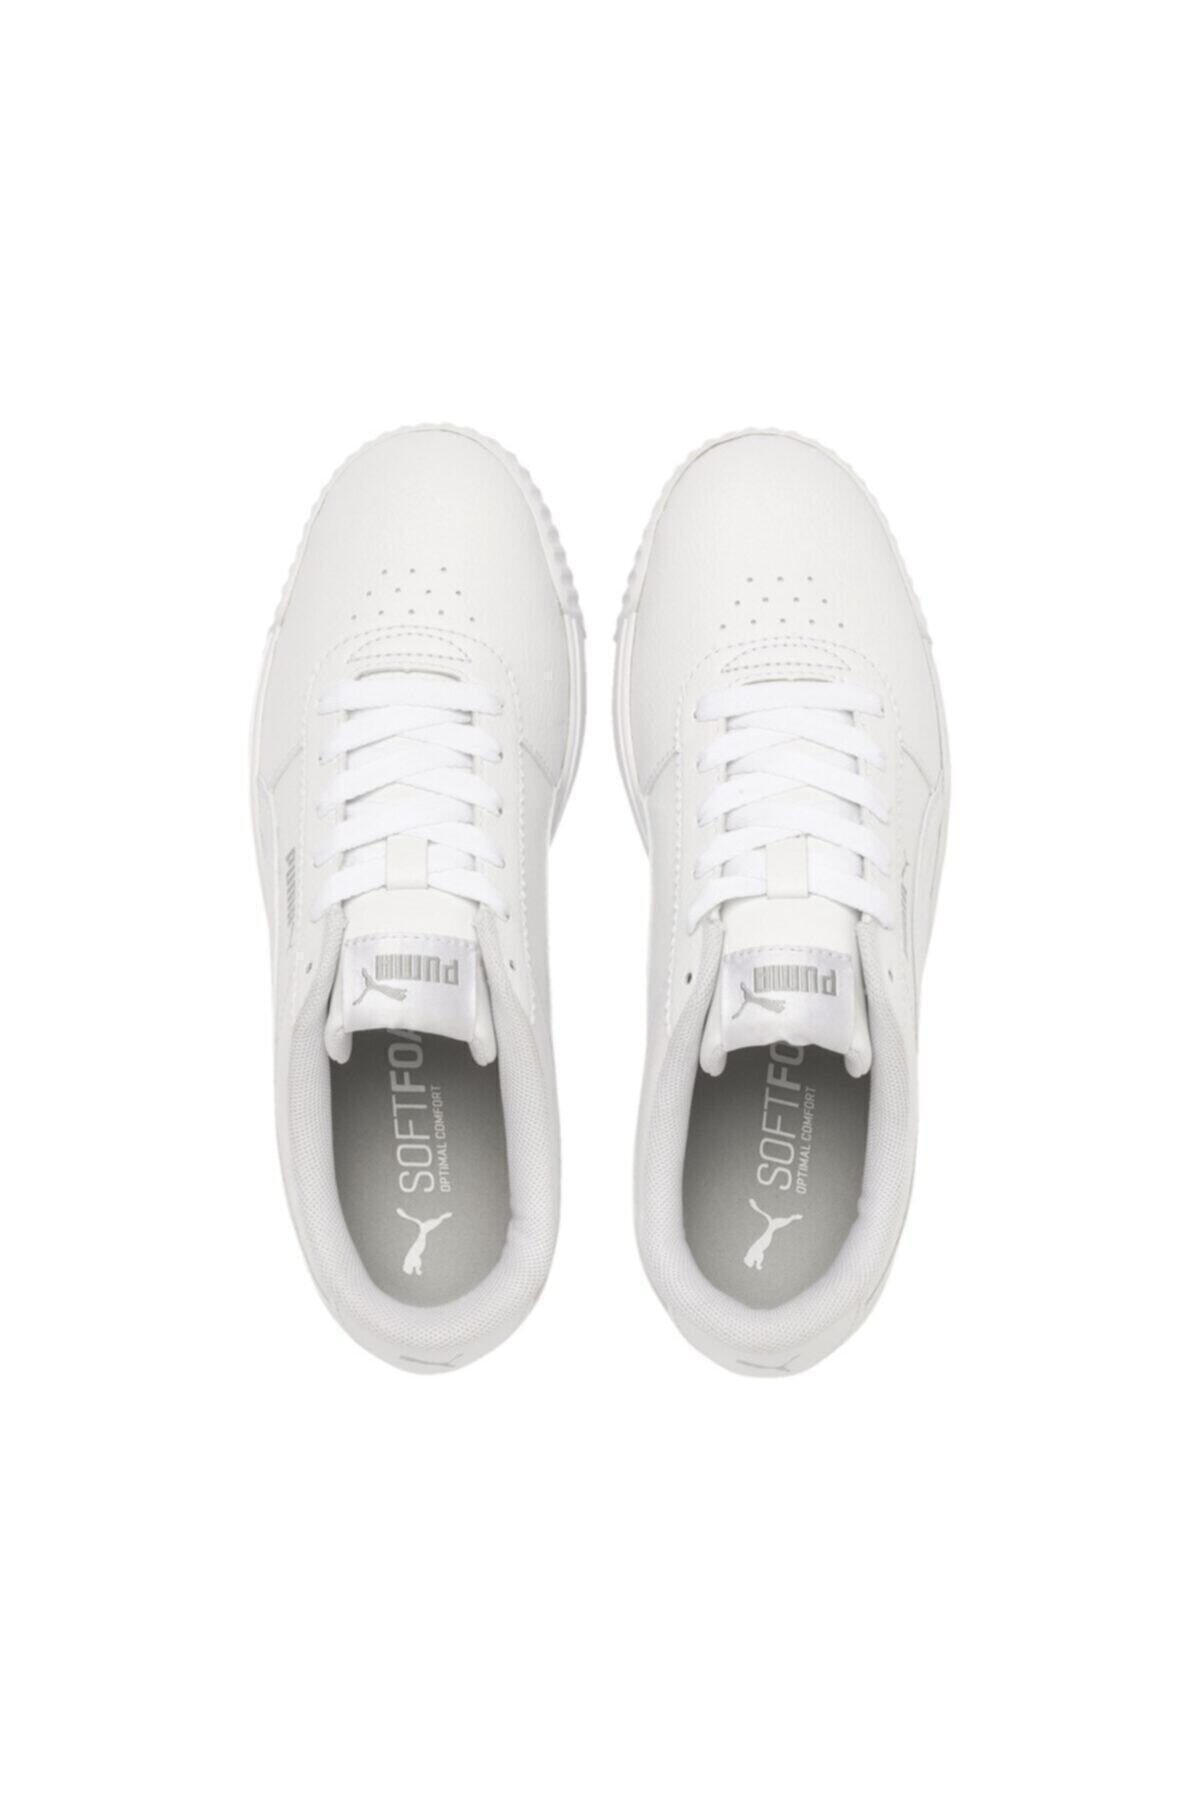 Puma CARINA SLIM SL Beyaz Kadın Sneaker Ayakkabı 100480305